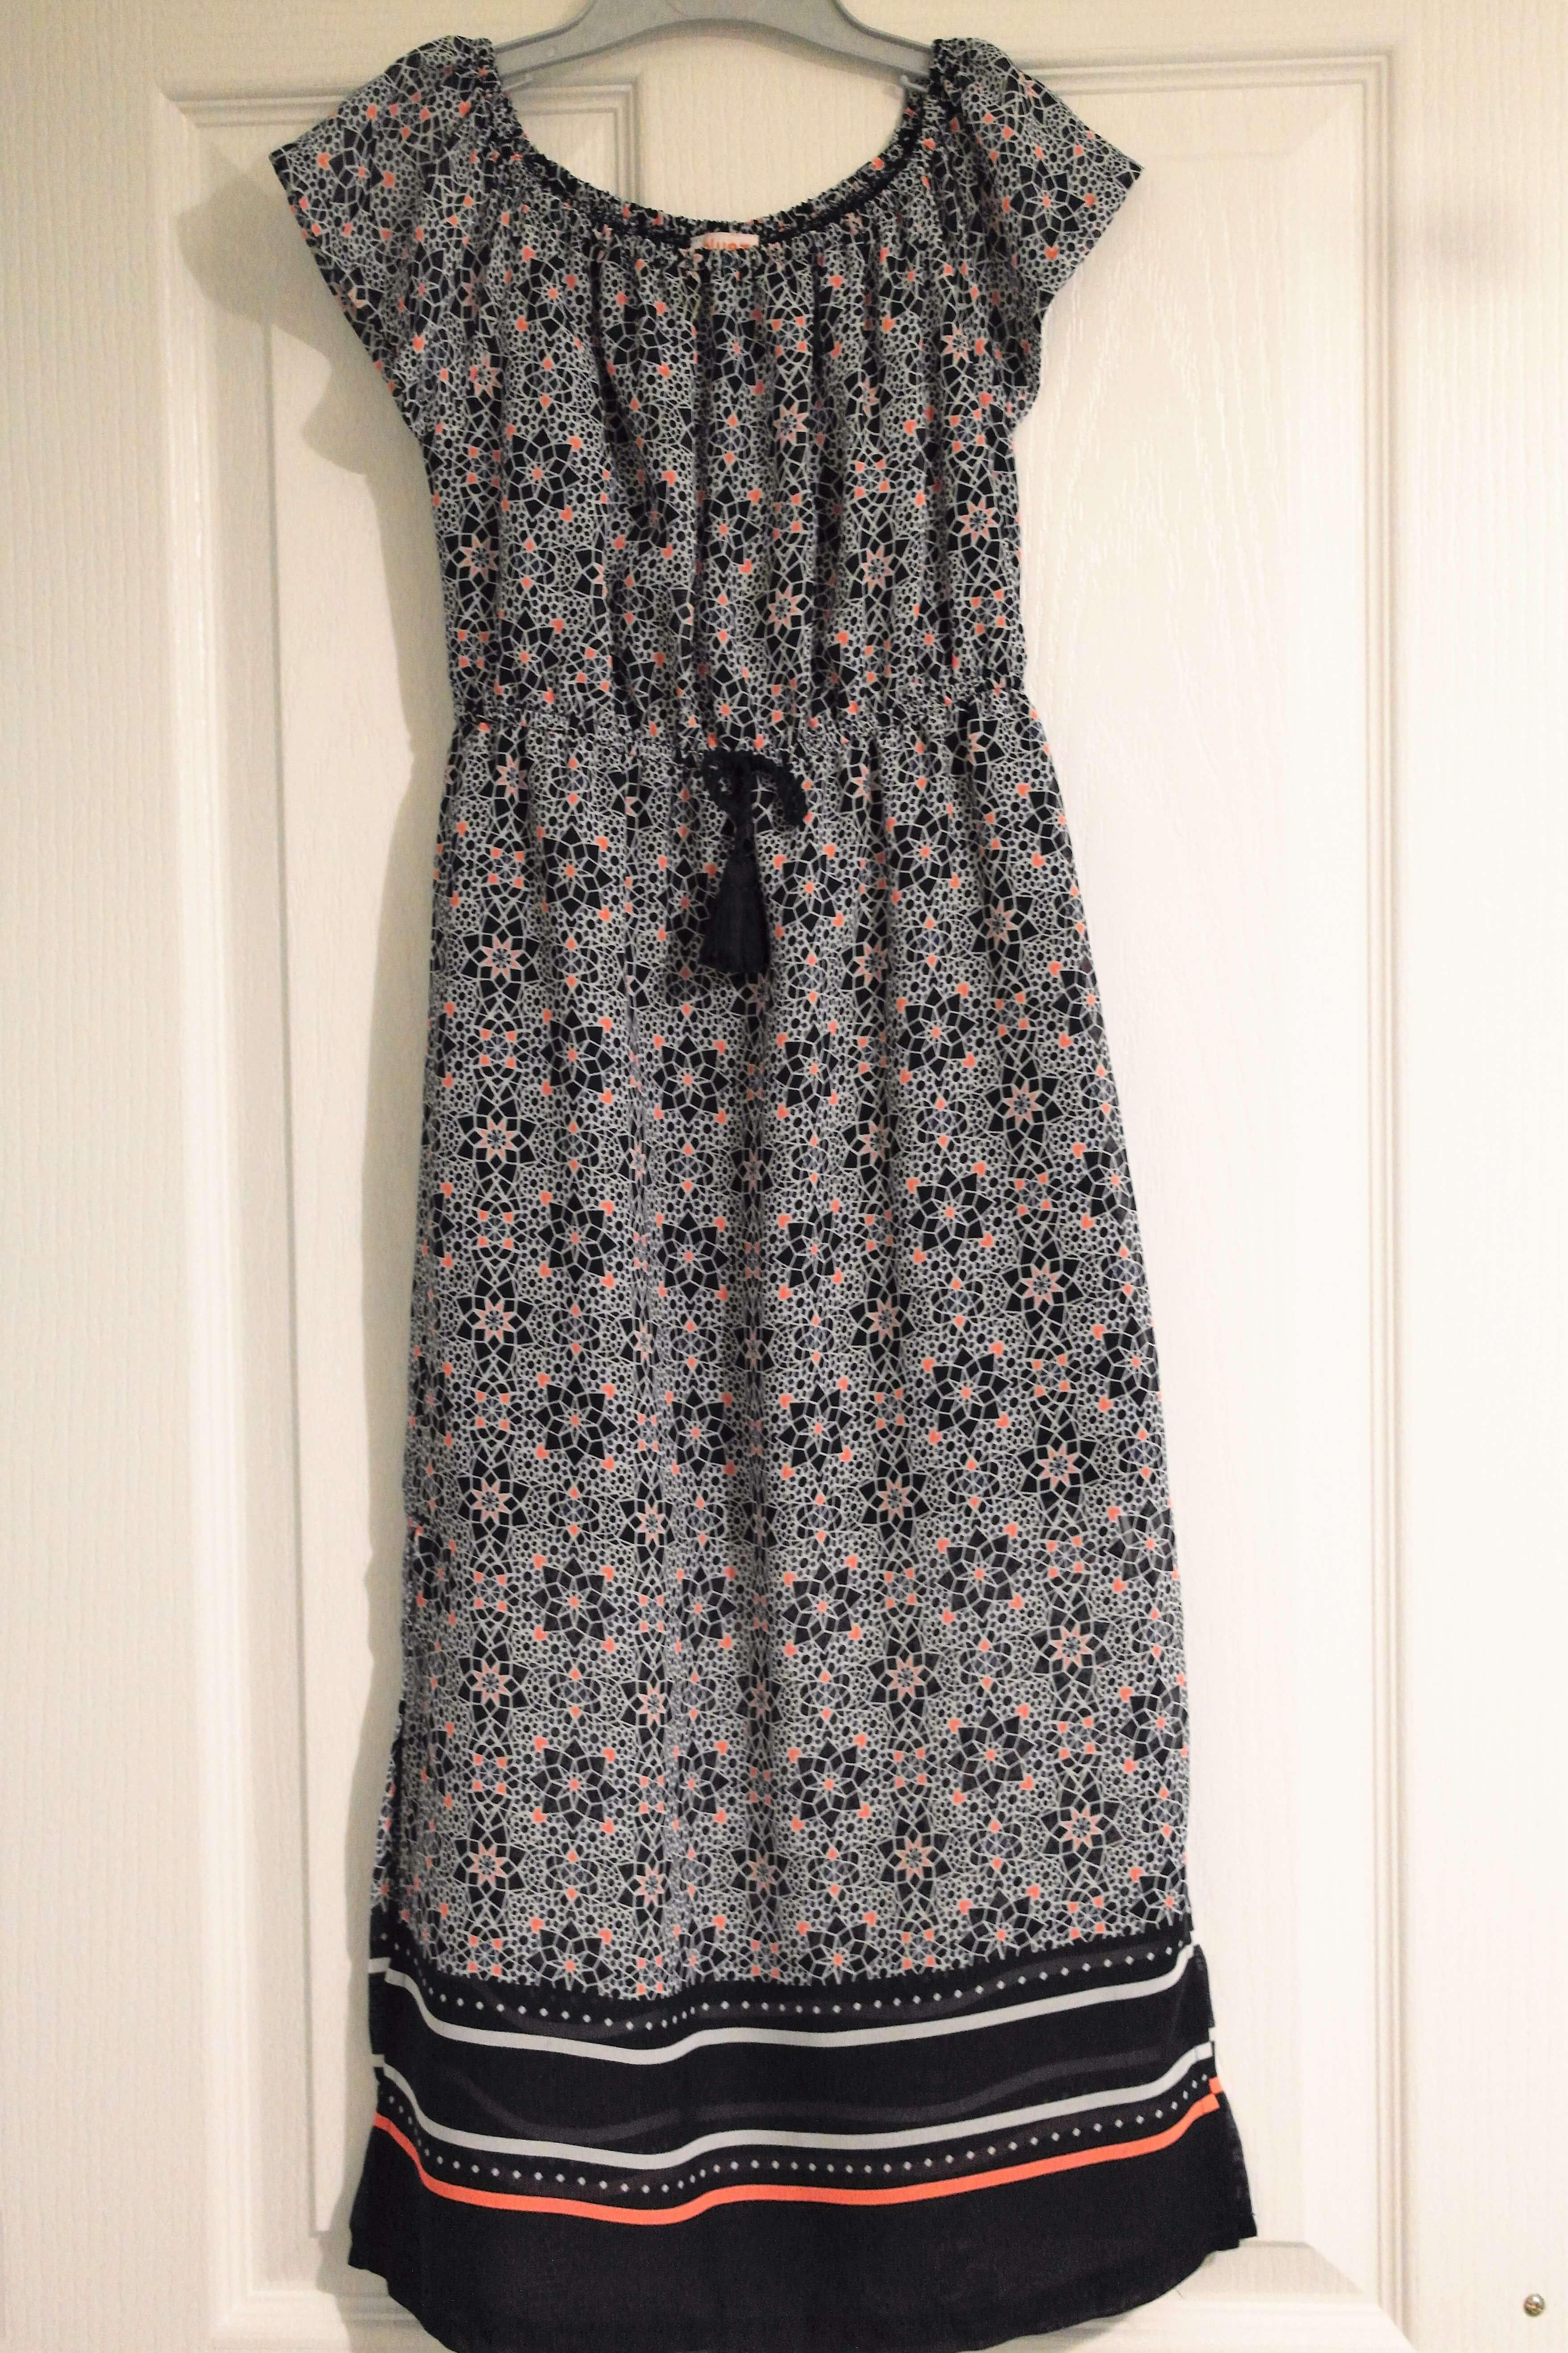 beg's style dress